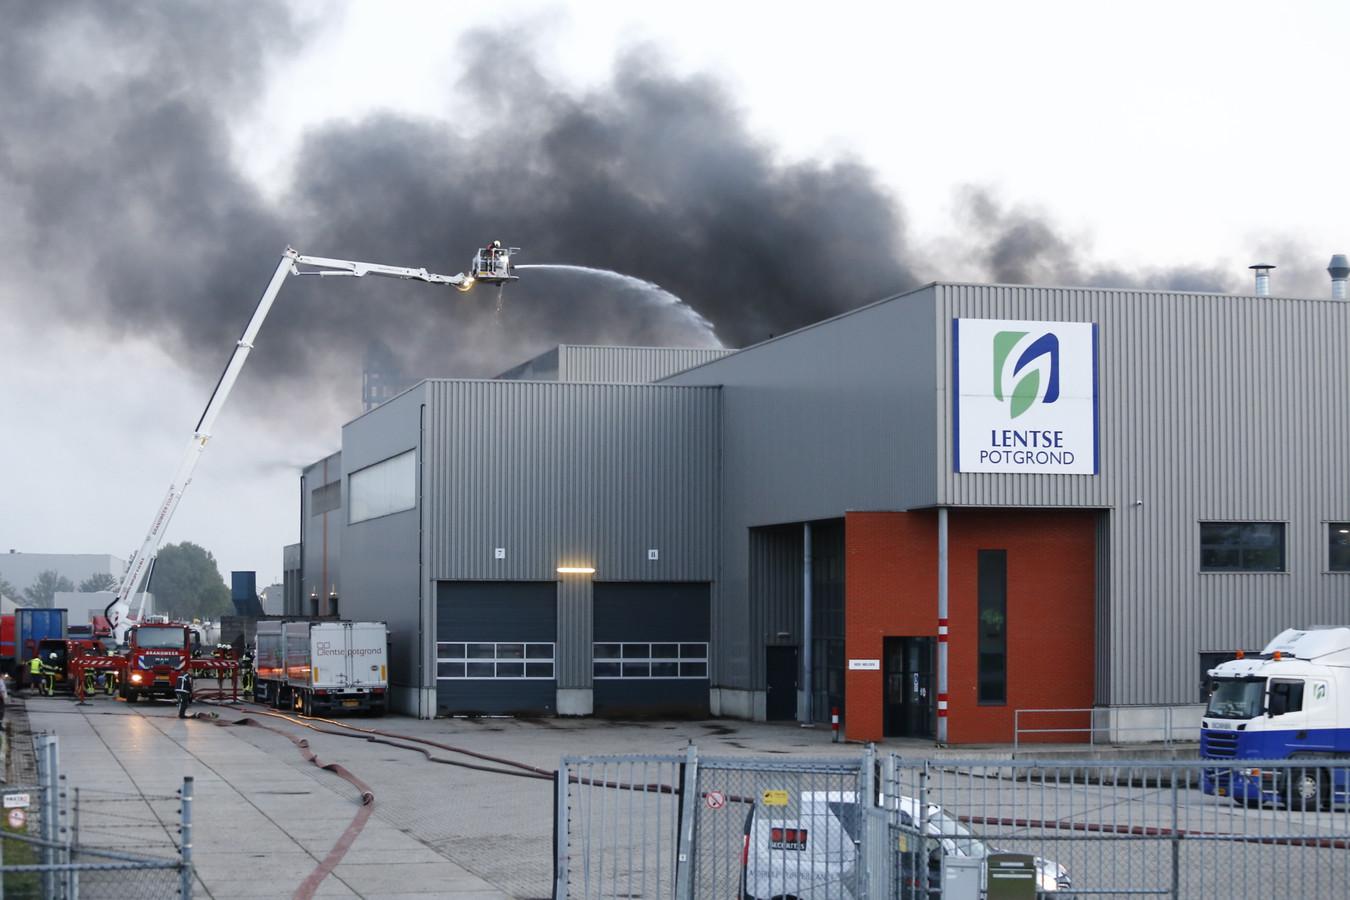 Grote rookontwikkeling bij de brand donderdagavond in de fabriek van Lentse Potgrond in Katwijk.